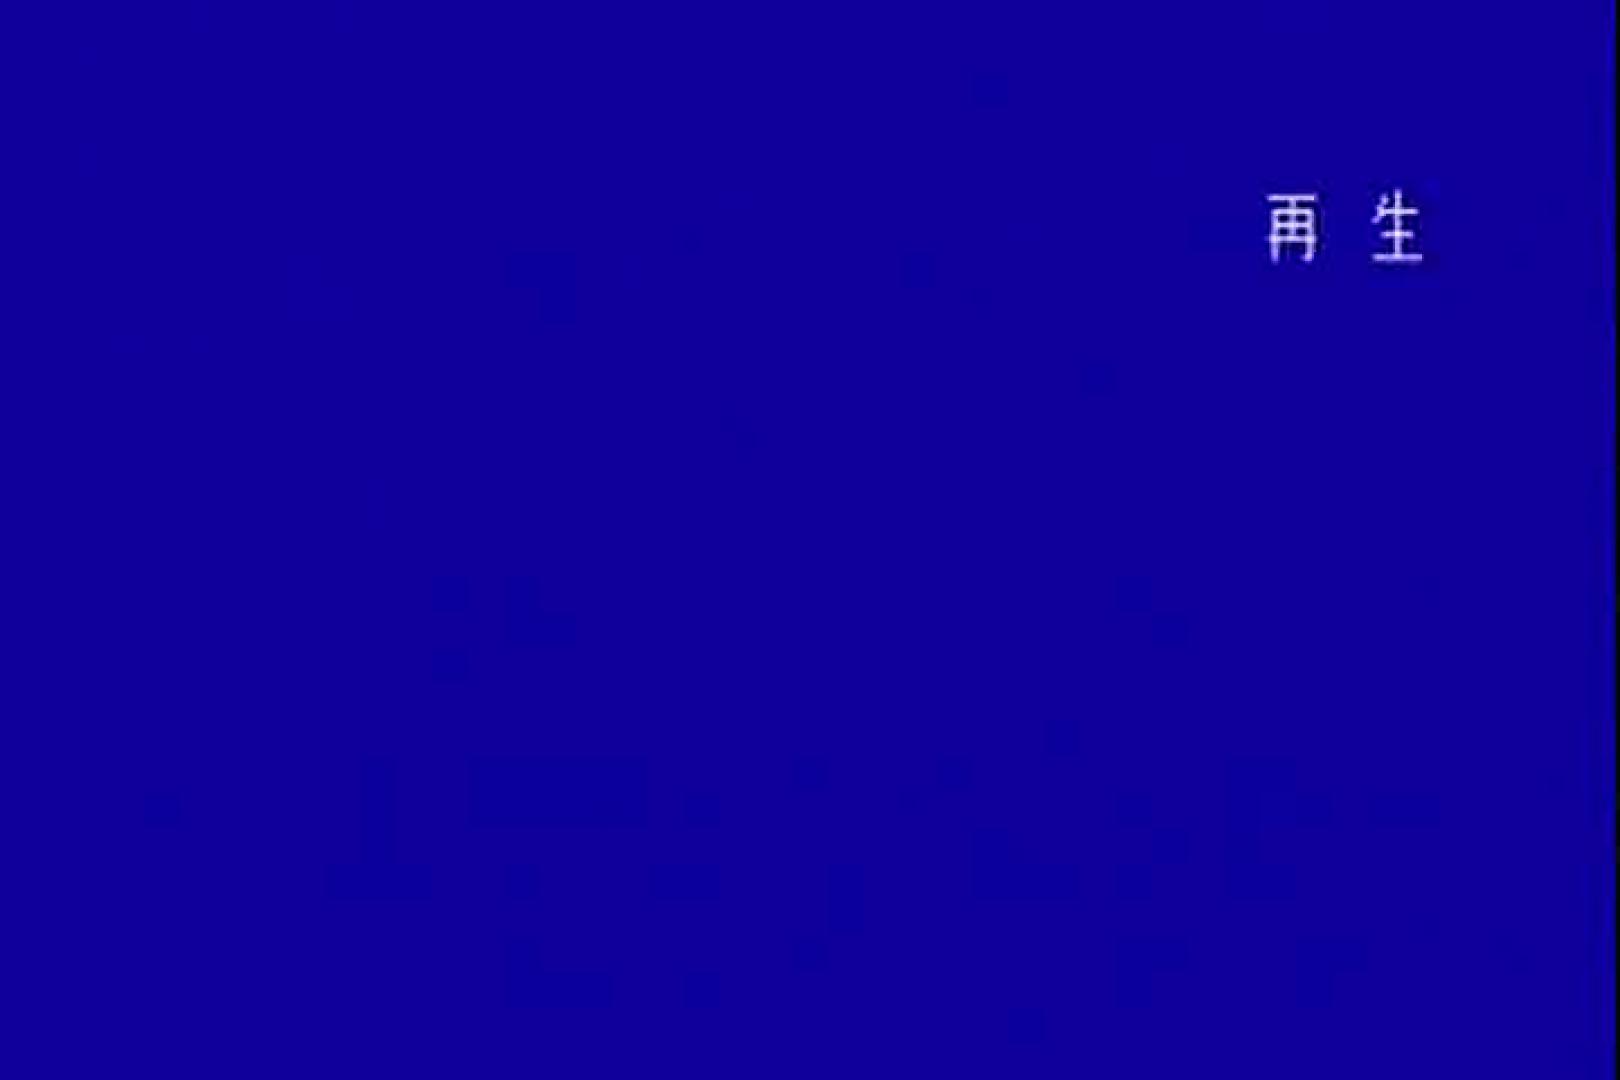 「ちくりん」さんのオリジナル未編集パンチラVol.4_02 チラ   パンチラハメ撮り  28pic 10